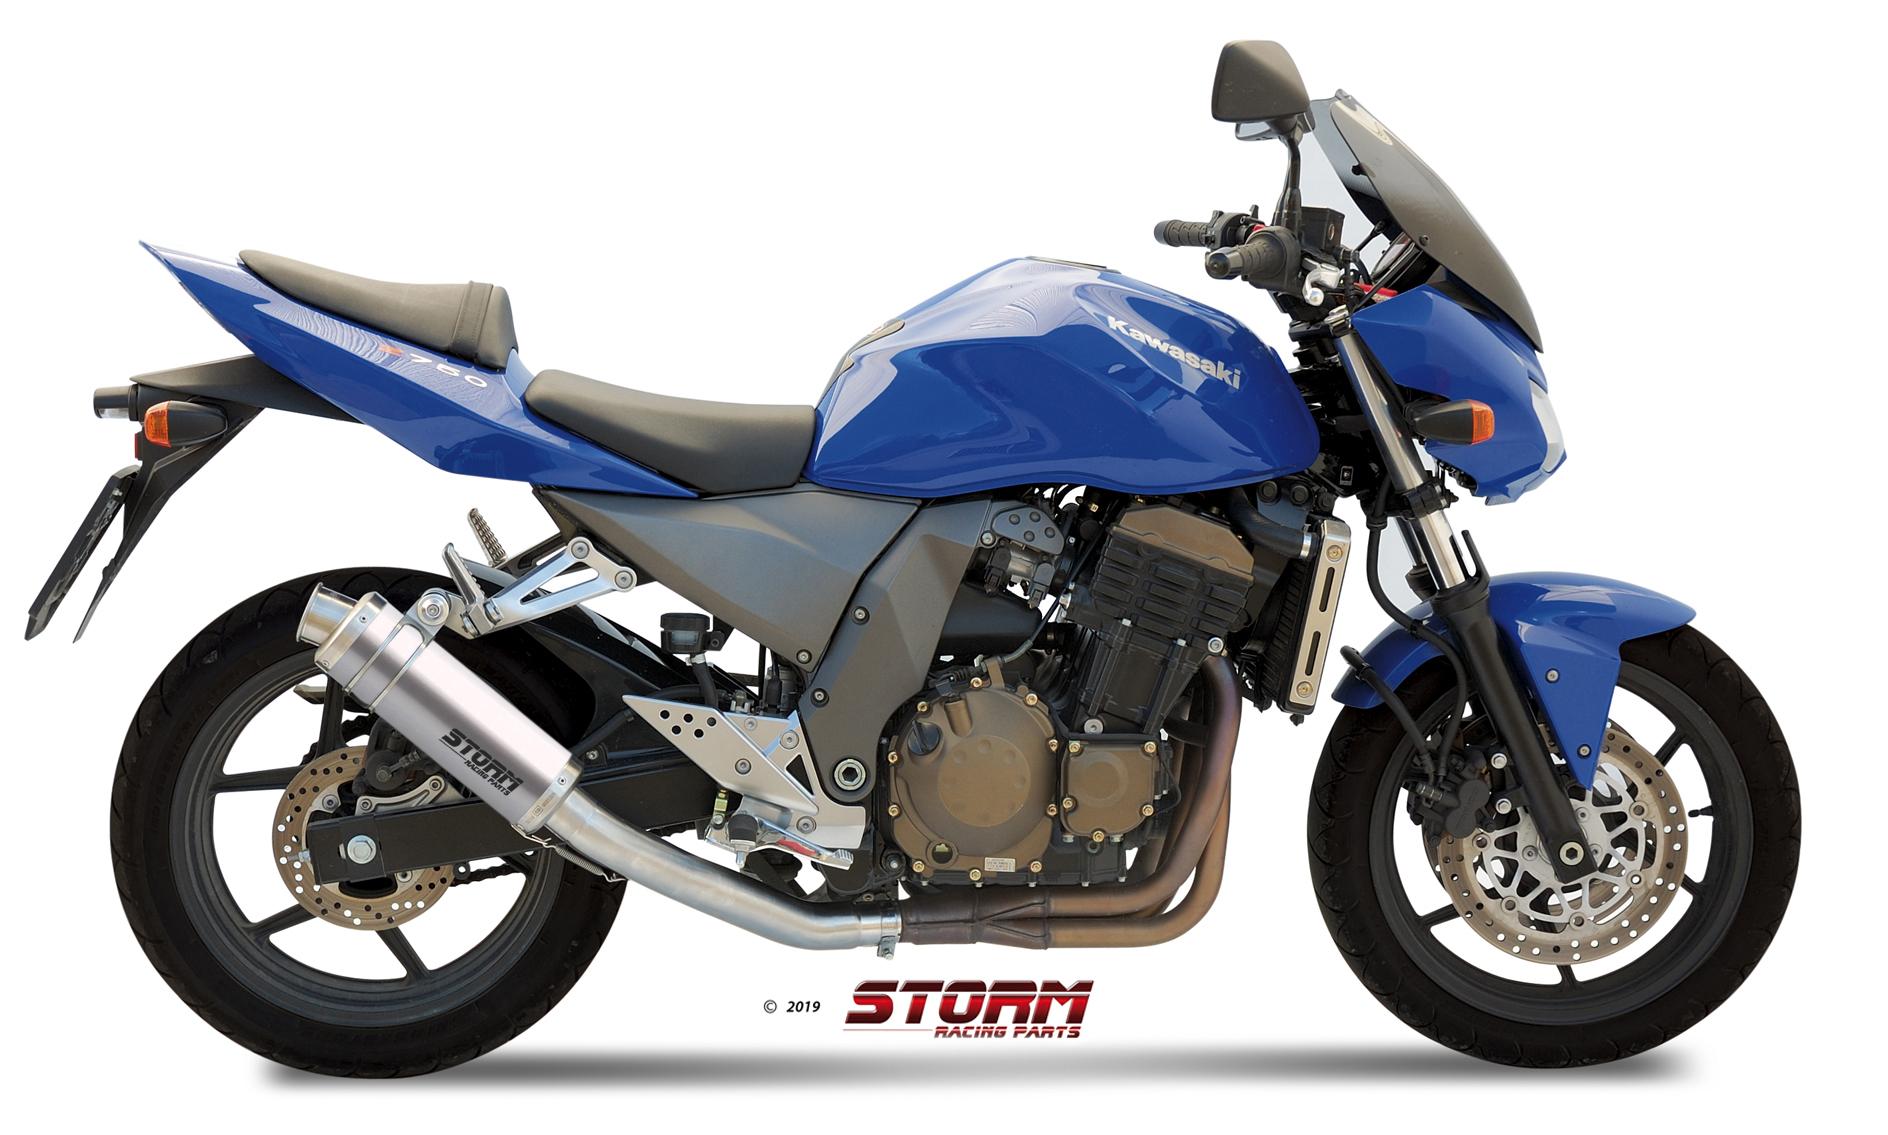 KAWASAKI Z 750 Exhaust Storm Gp Stainless steel 74.K.011.LXS